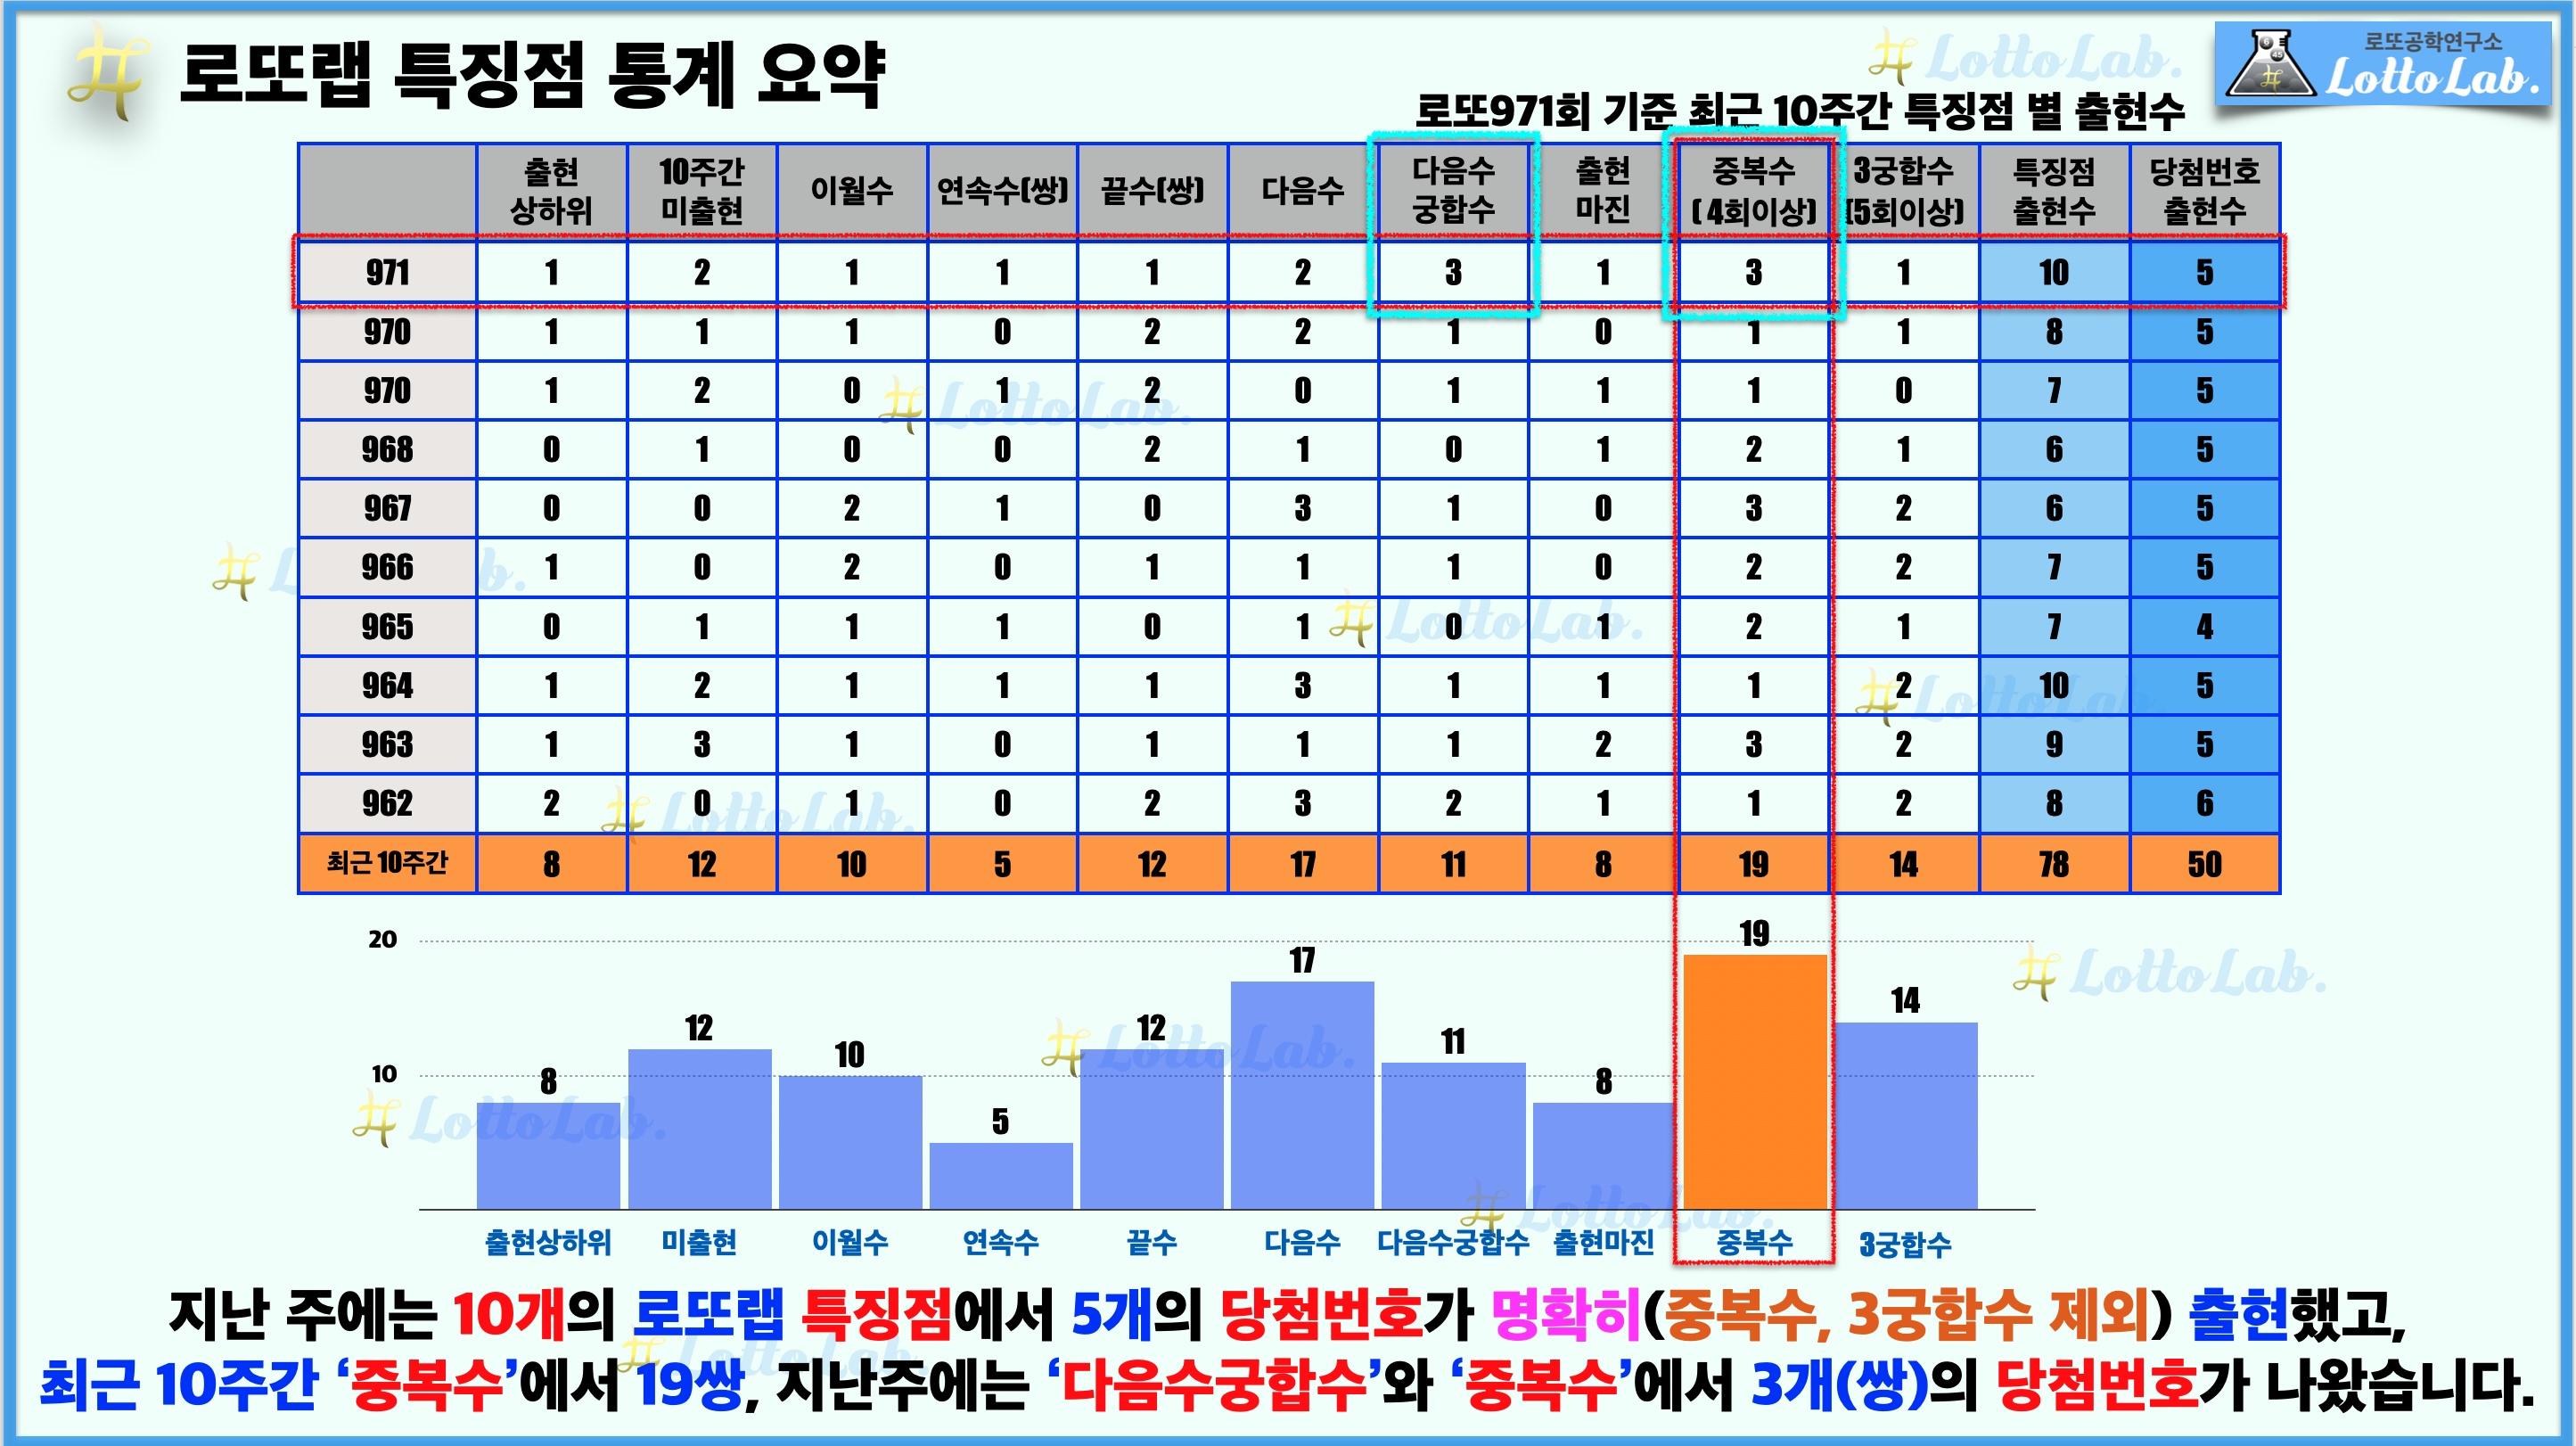 로또랩 로또 971 최근 10주간 특징점 1등 당첨번호 출현 결과